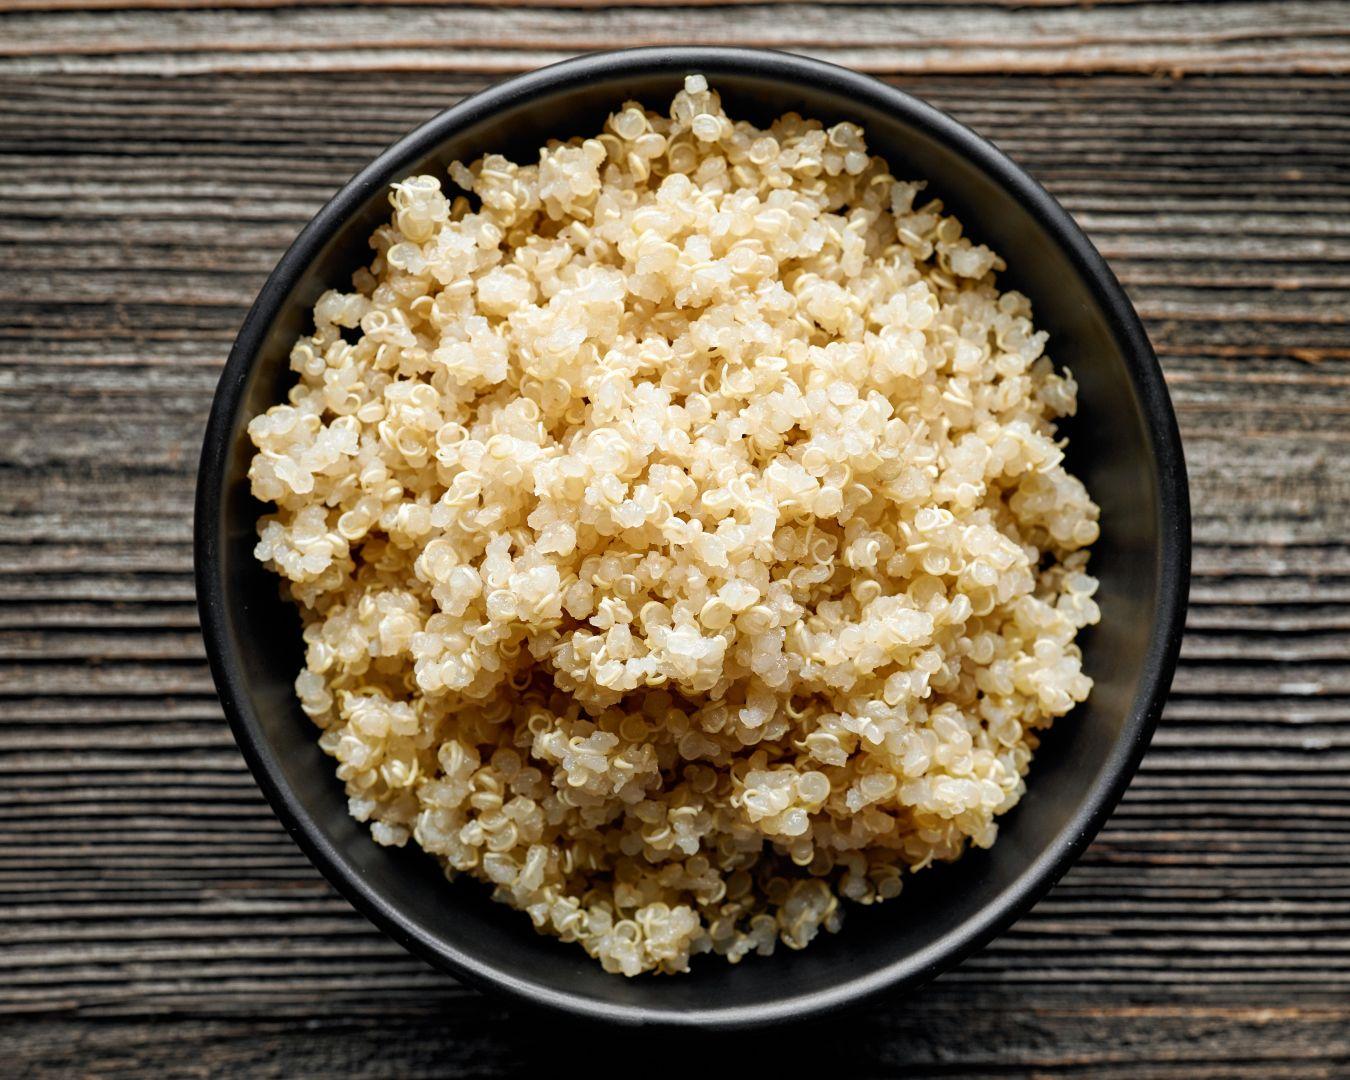 quinoa blanca cocida